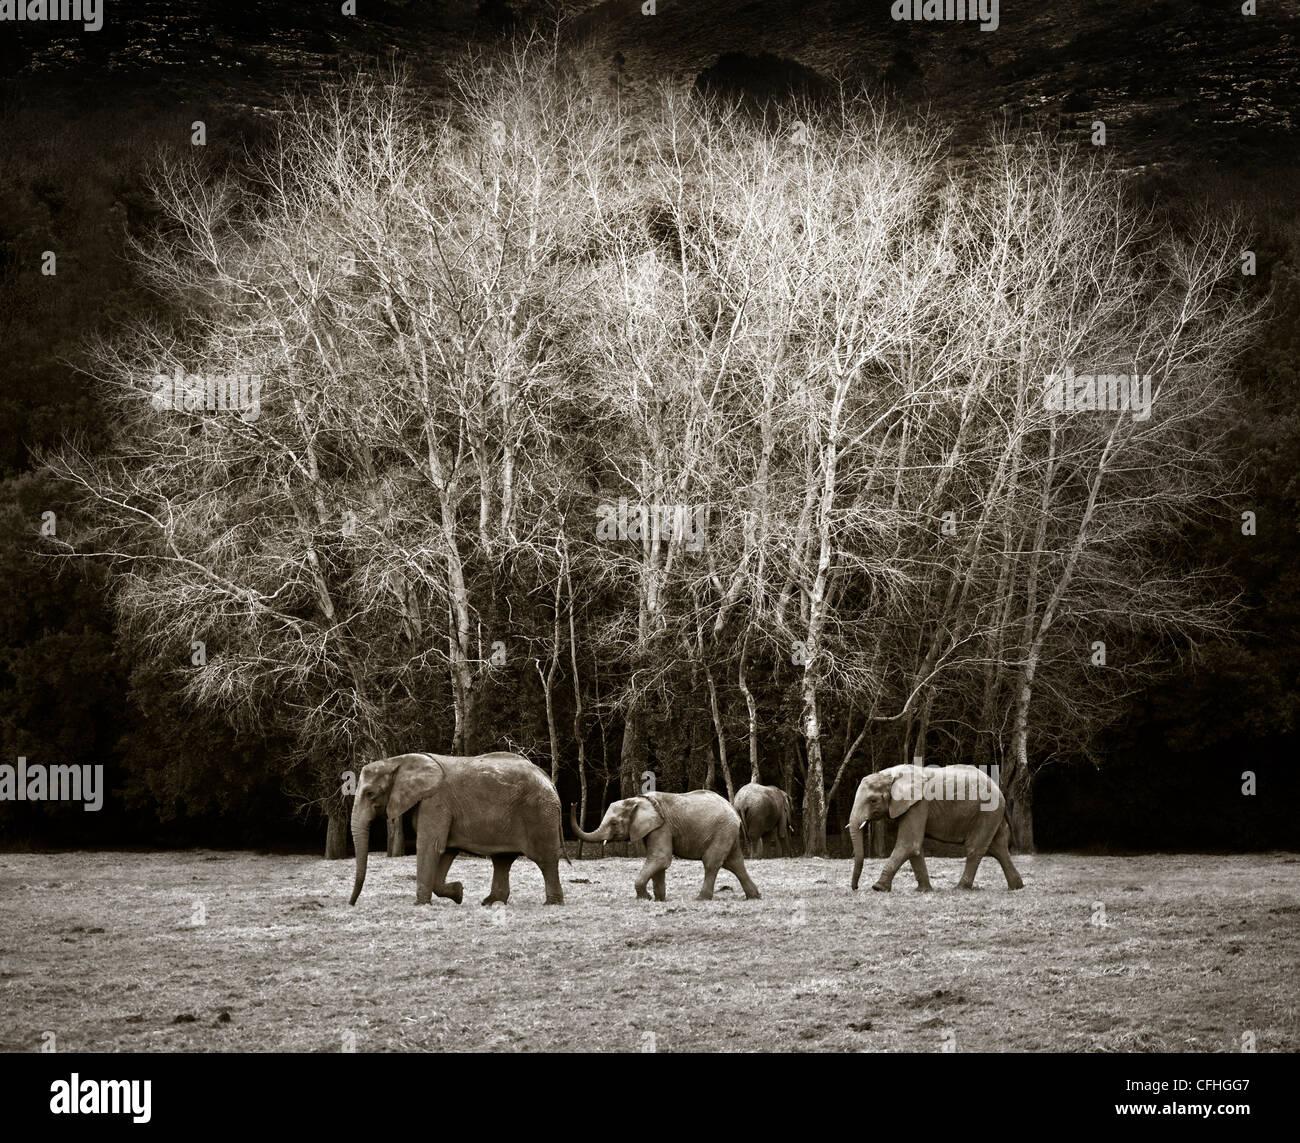 Drei afrikanische Elefanten Wandern, Cabarceno, Spanien Stockbild